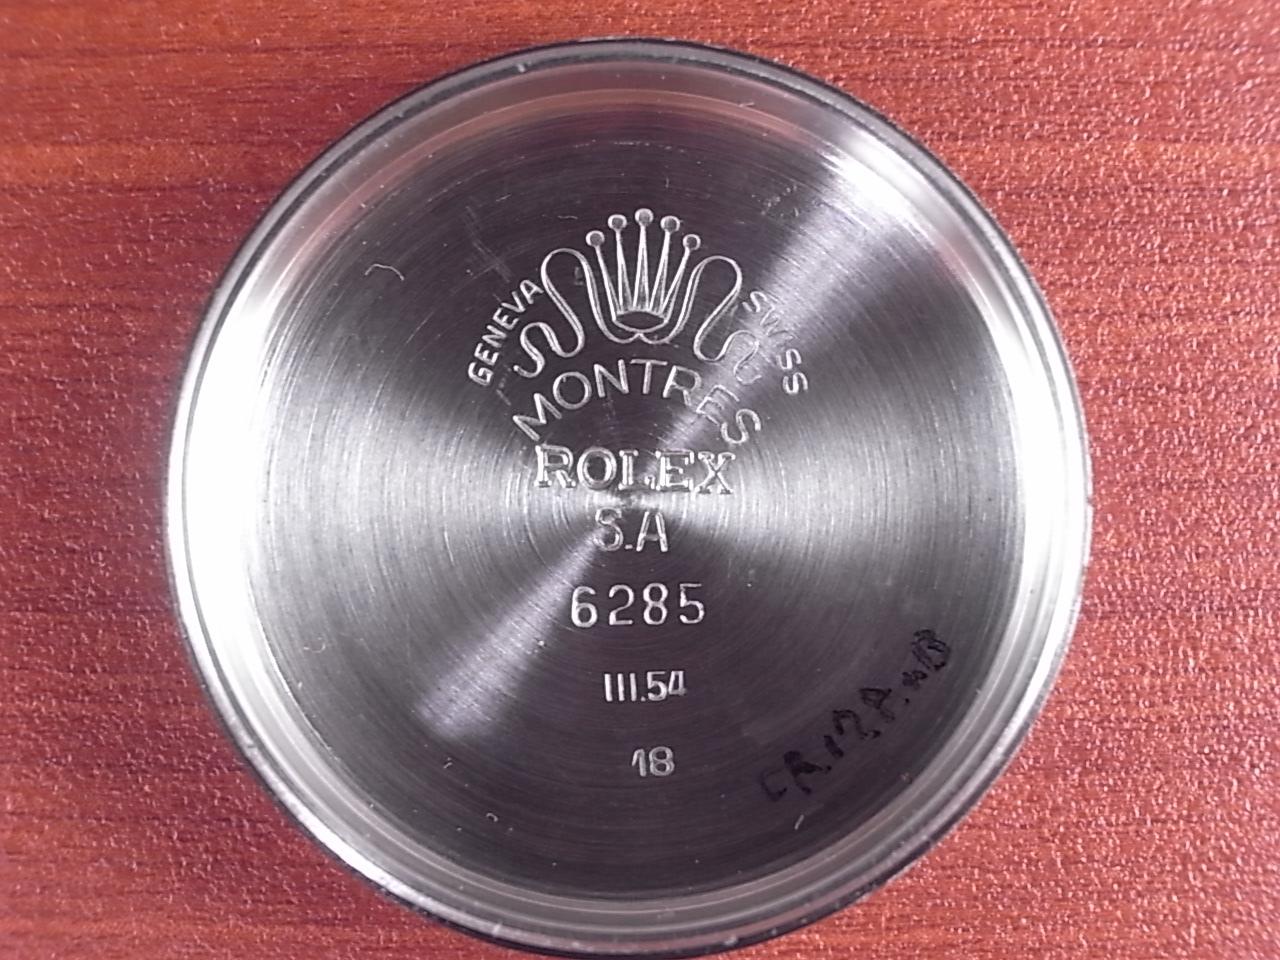 ロレックス セミバブルバック Ref.6285 ハニカムダイアル 1950年代の写真6枚目